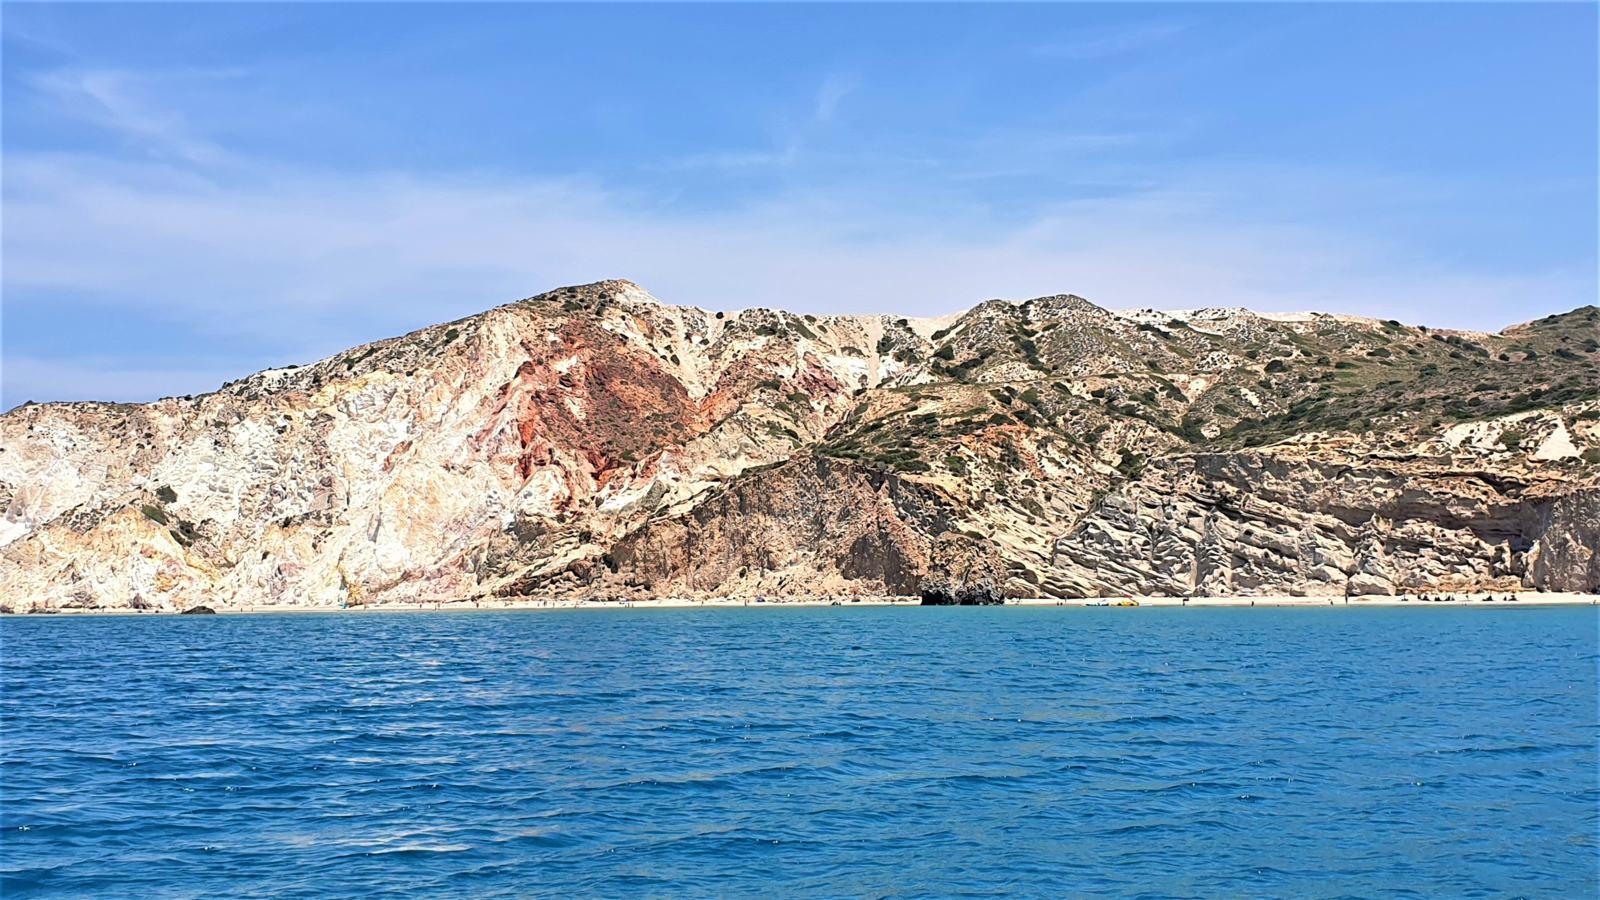 Cuori rossi in navigazione - Isola di Milos